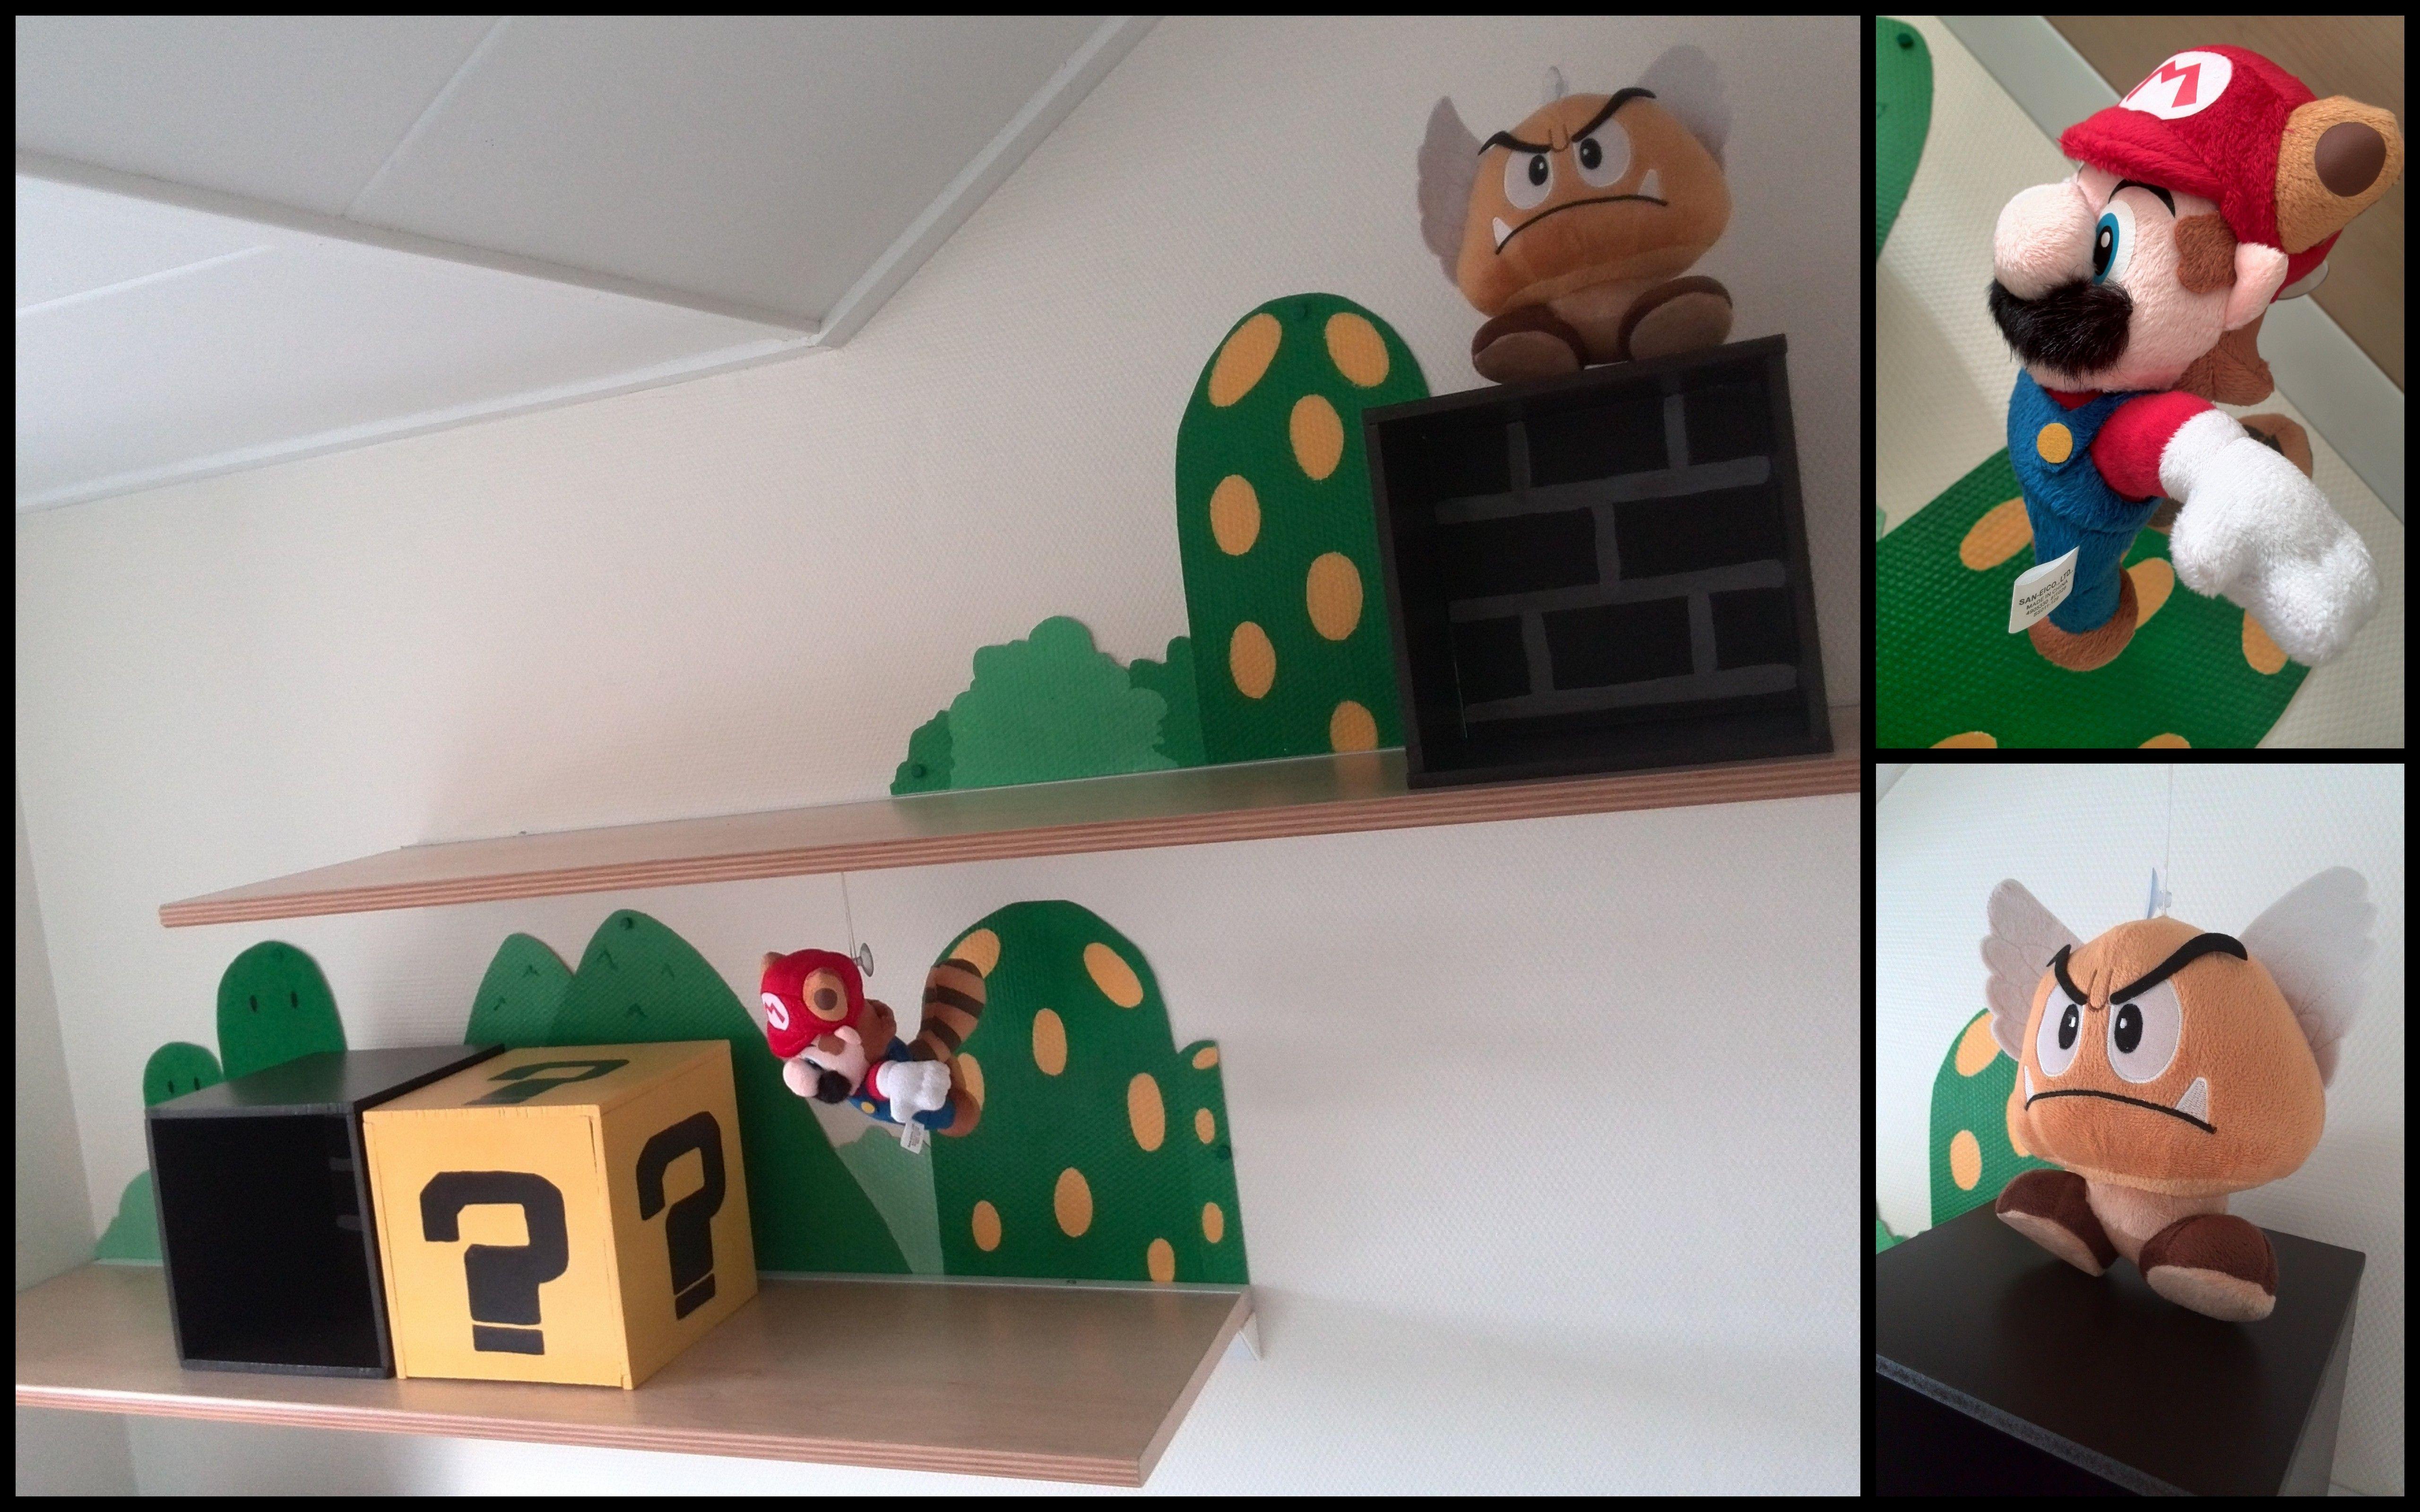 Super Mario Bedroom Similiar Super Mario Bedroom Keywords